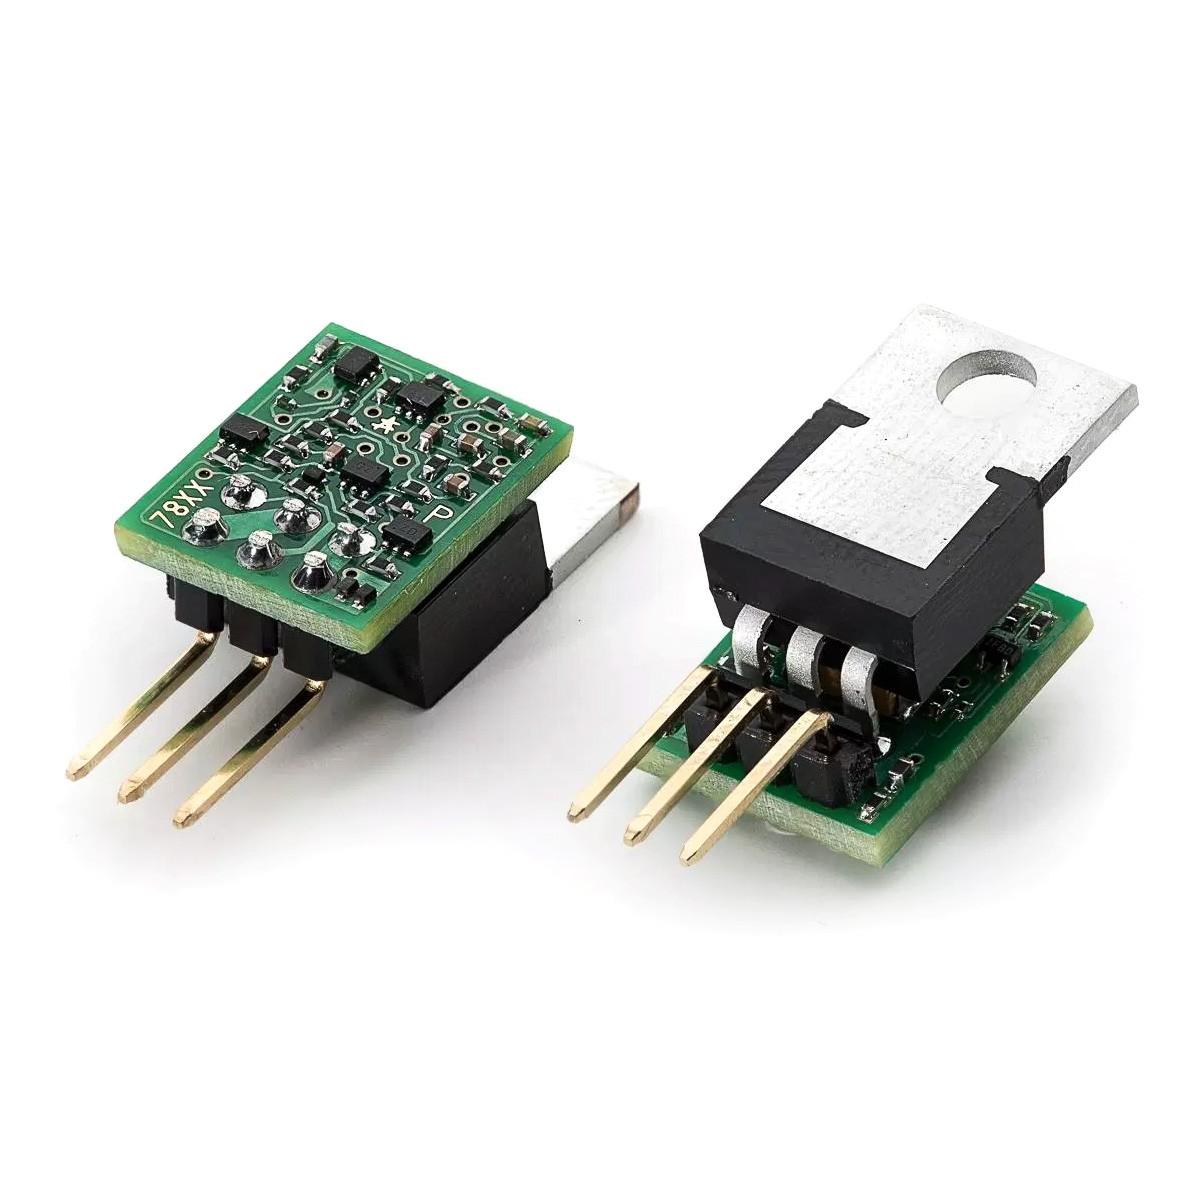 SPARKOS LABS SS1117-05 Discrete Voltage Regulator +5V